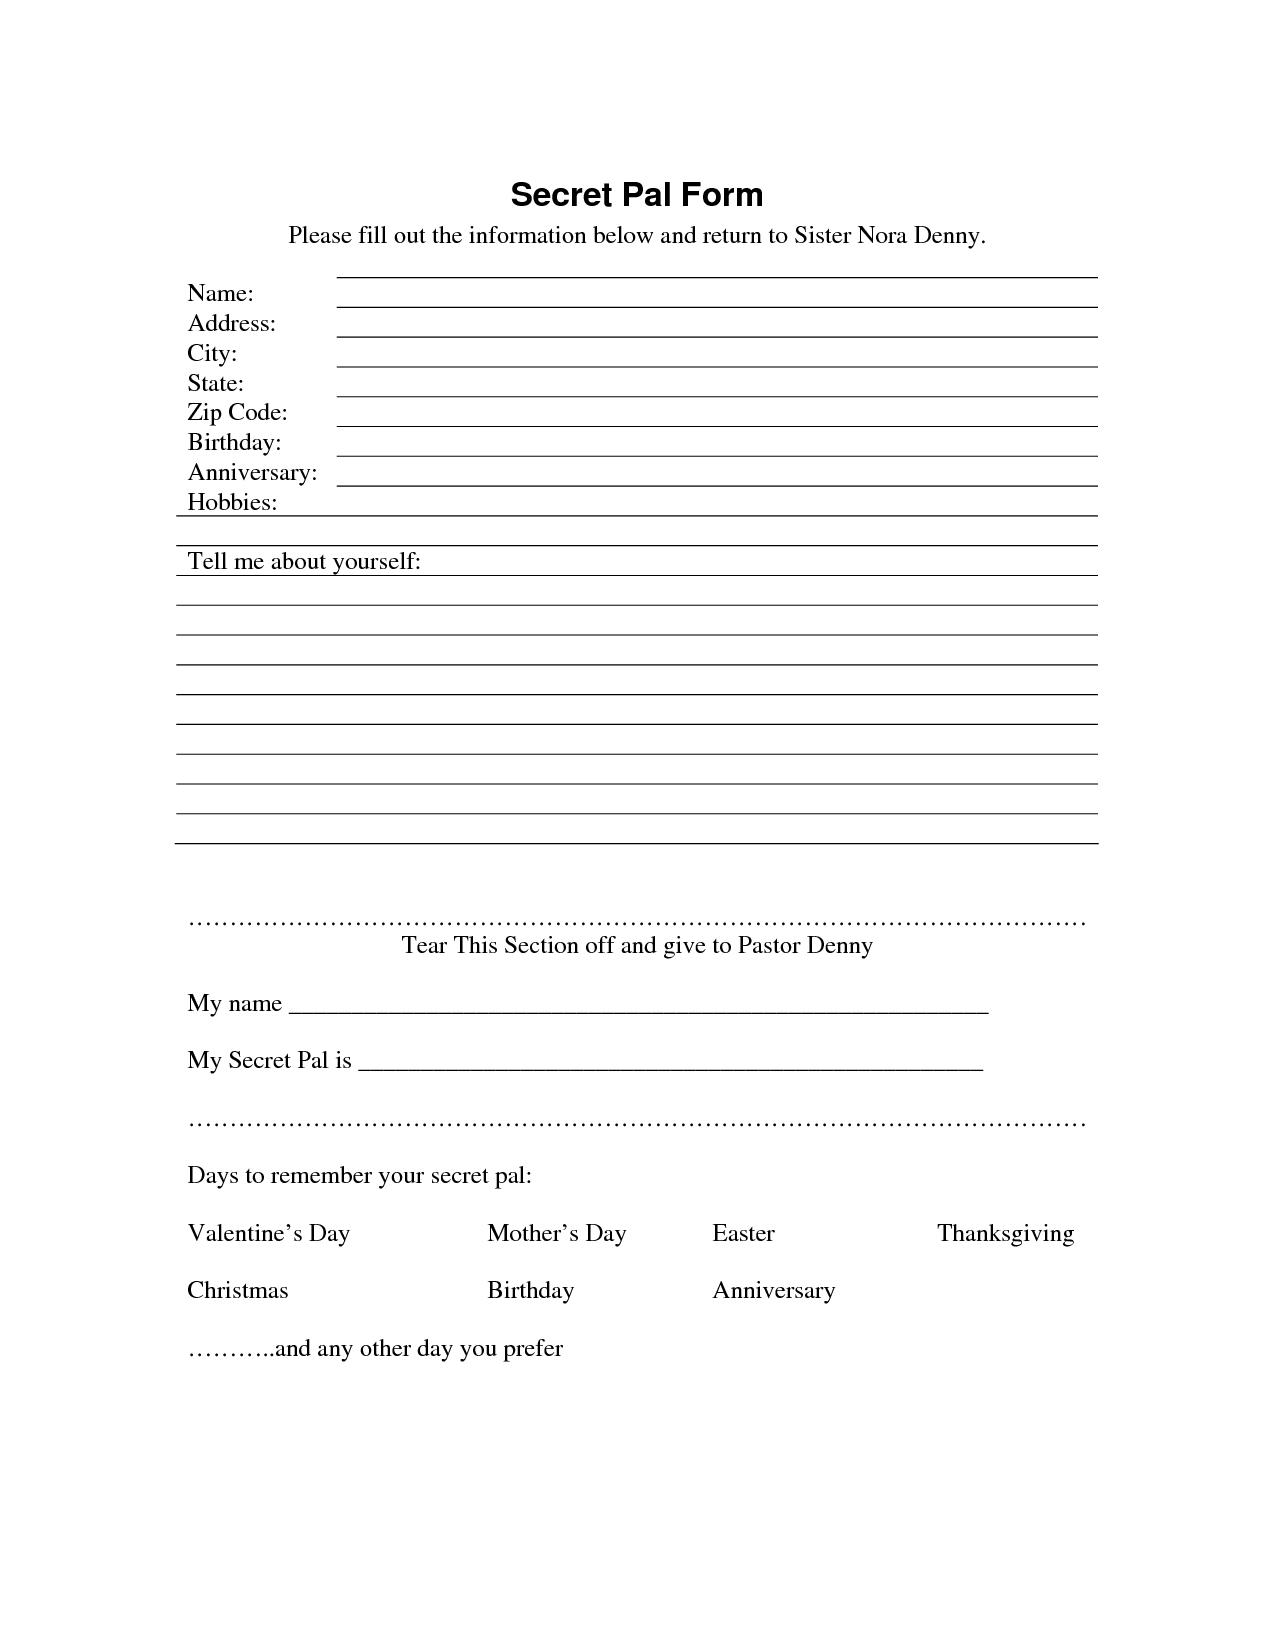 Secret Sister Questionnaire Secret Pal Form